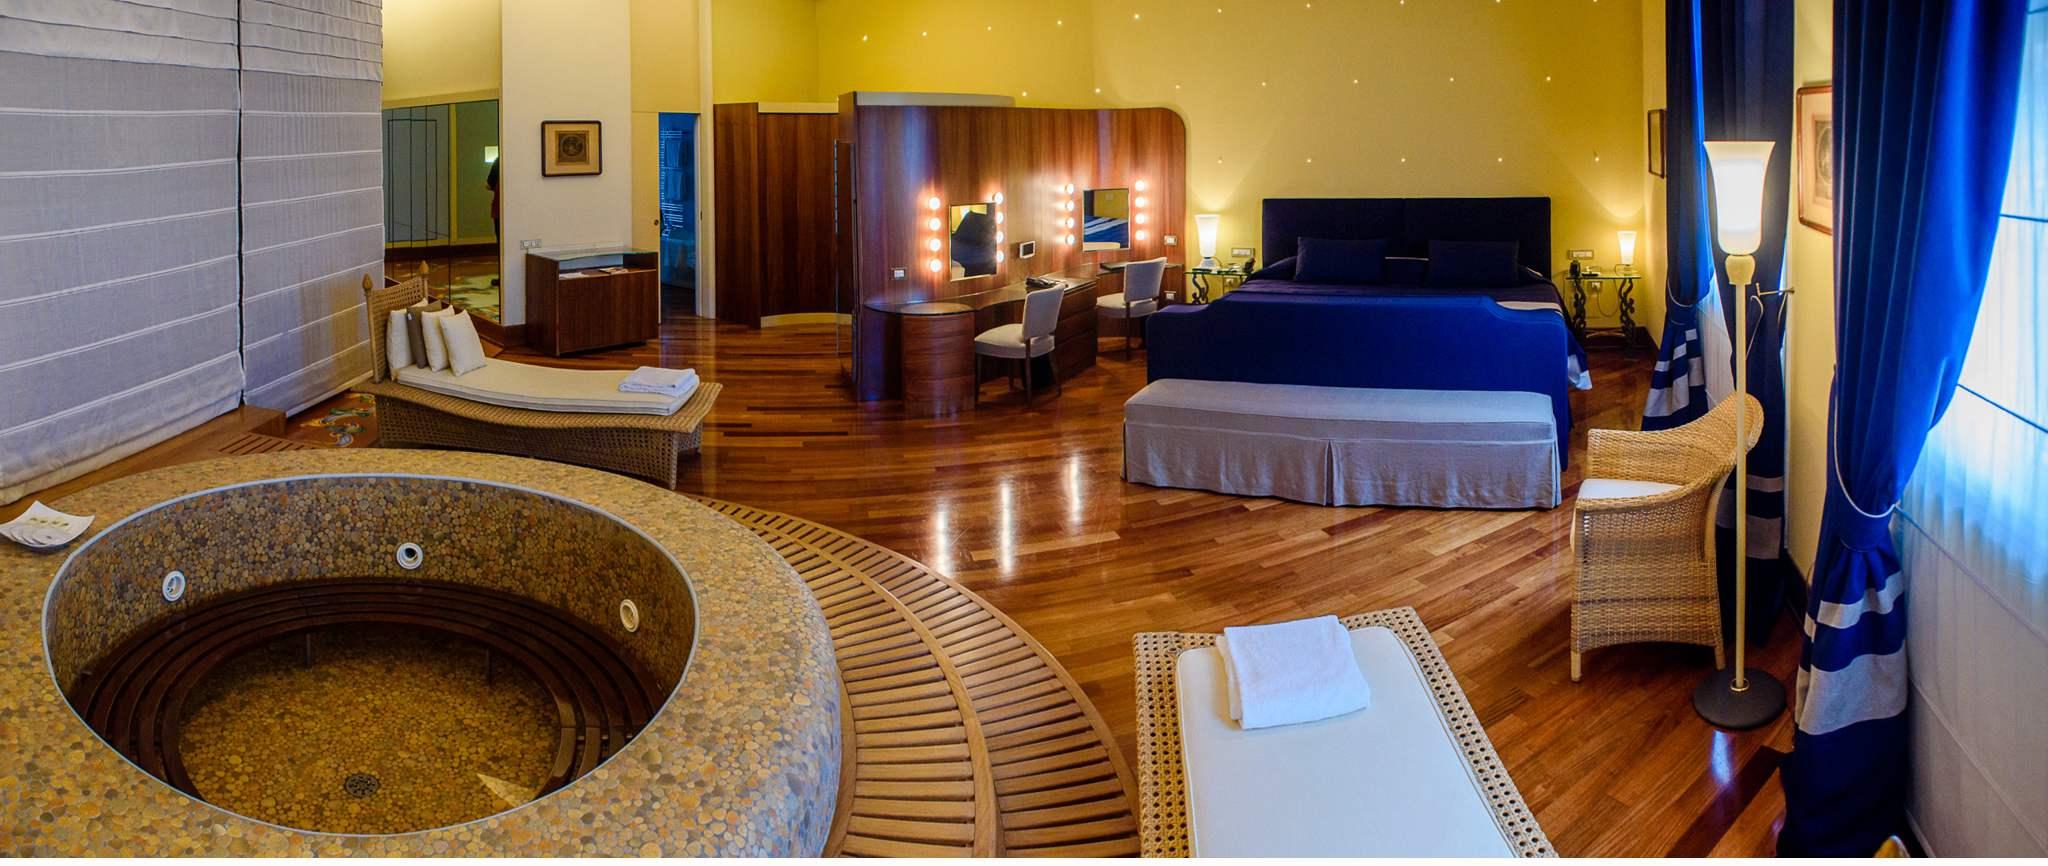 President suite - Hotel Vesuvio Napoli